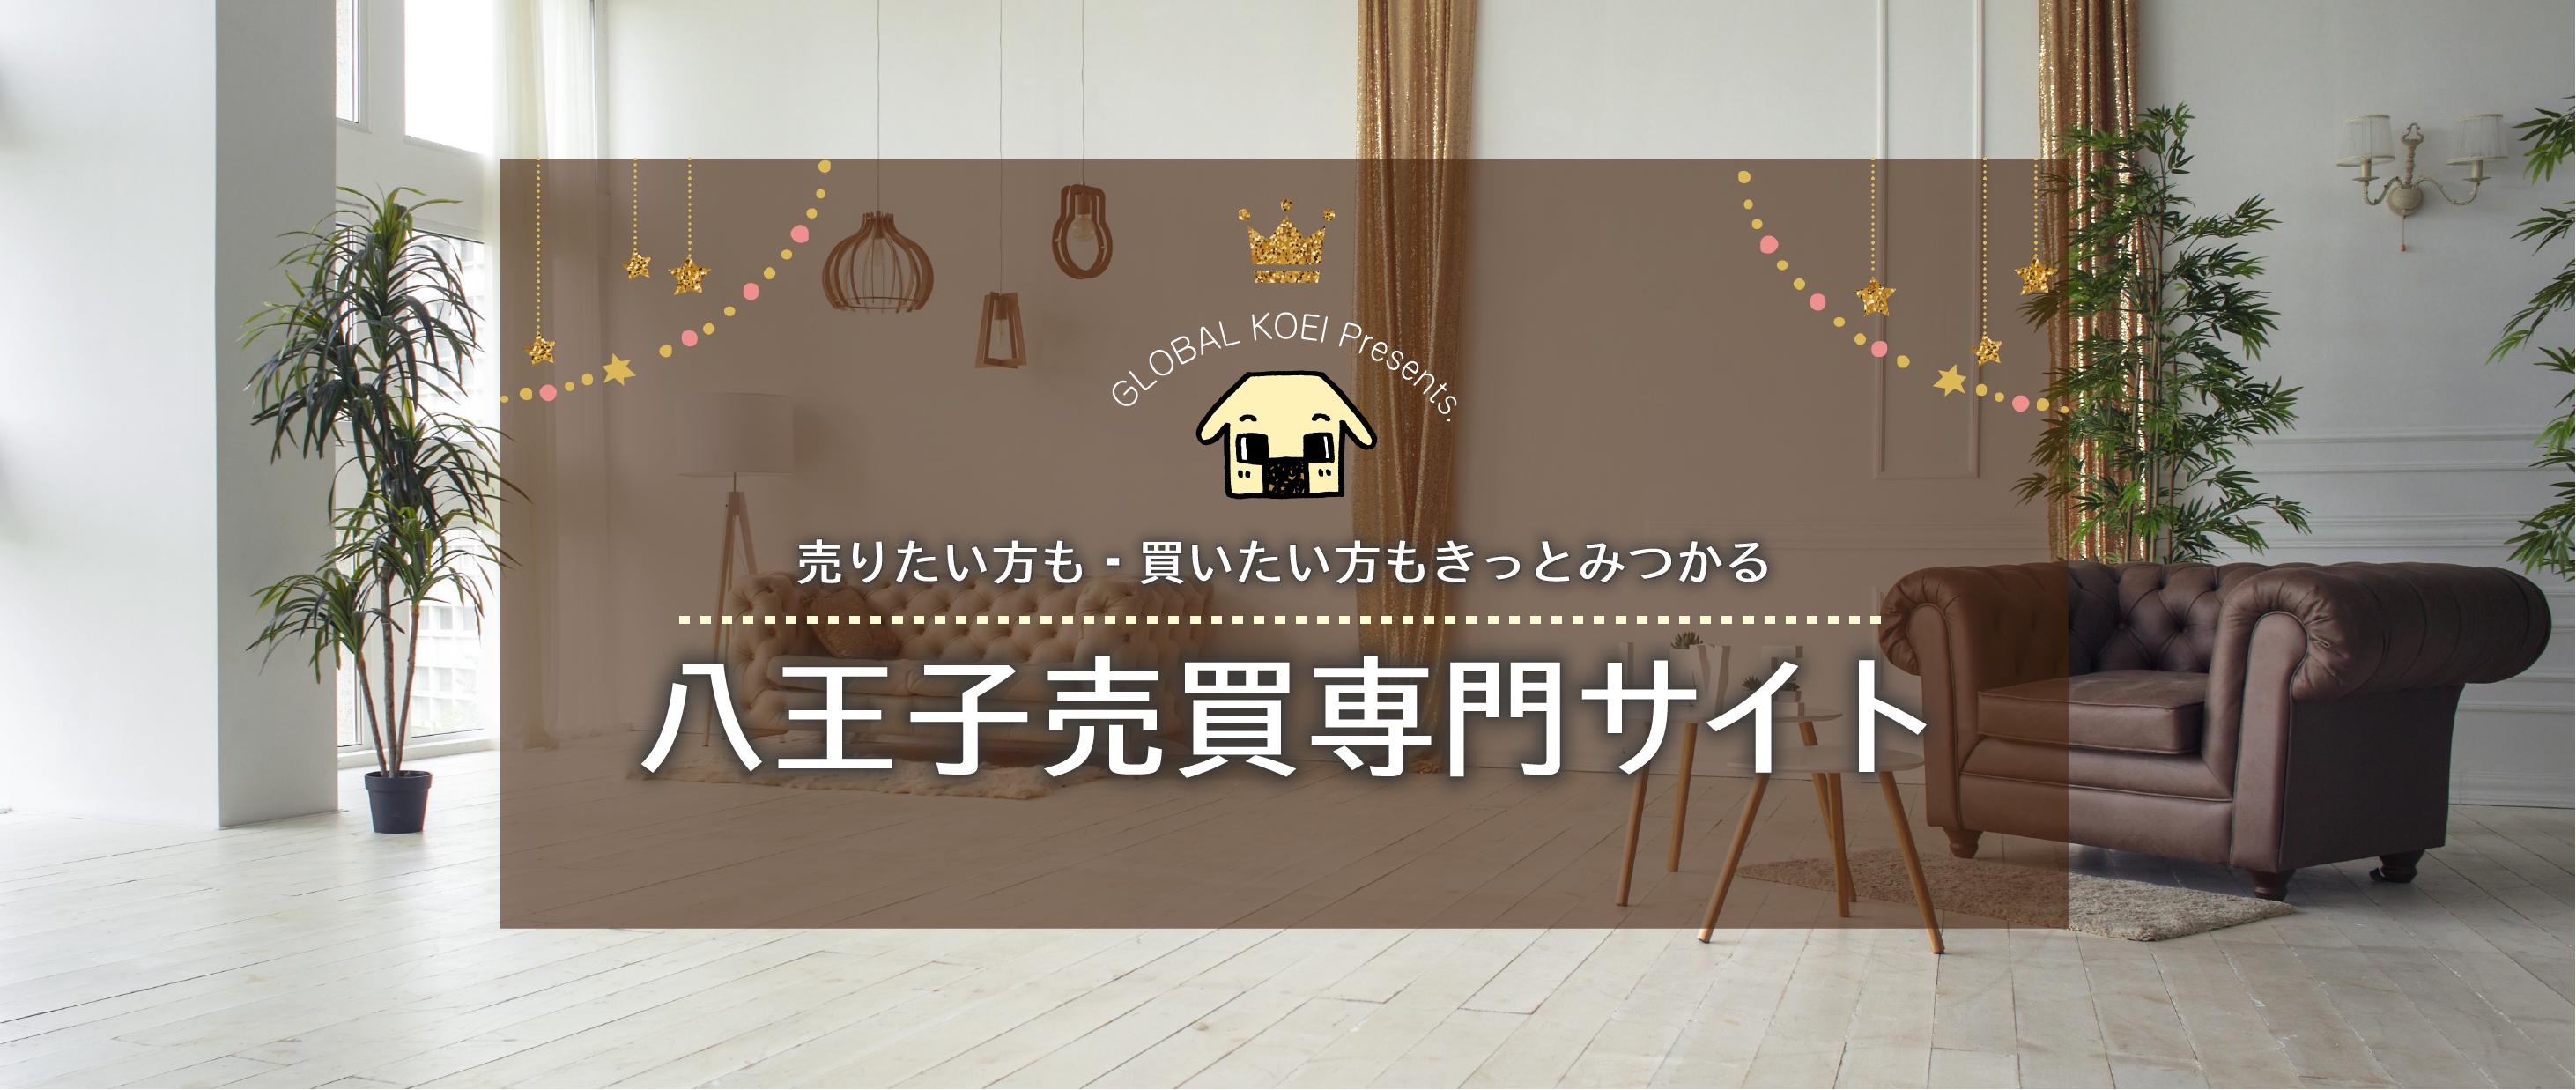 八王子売買専門サイト